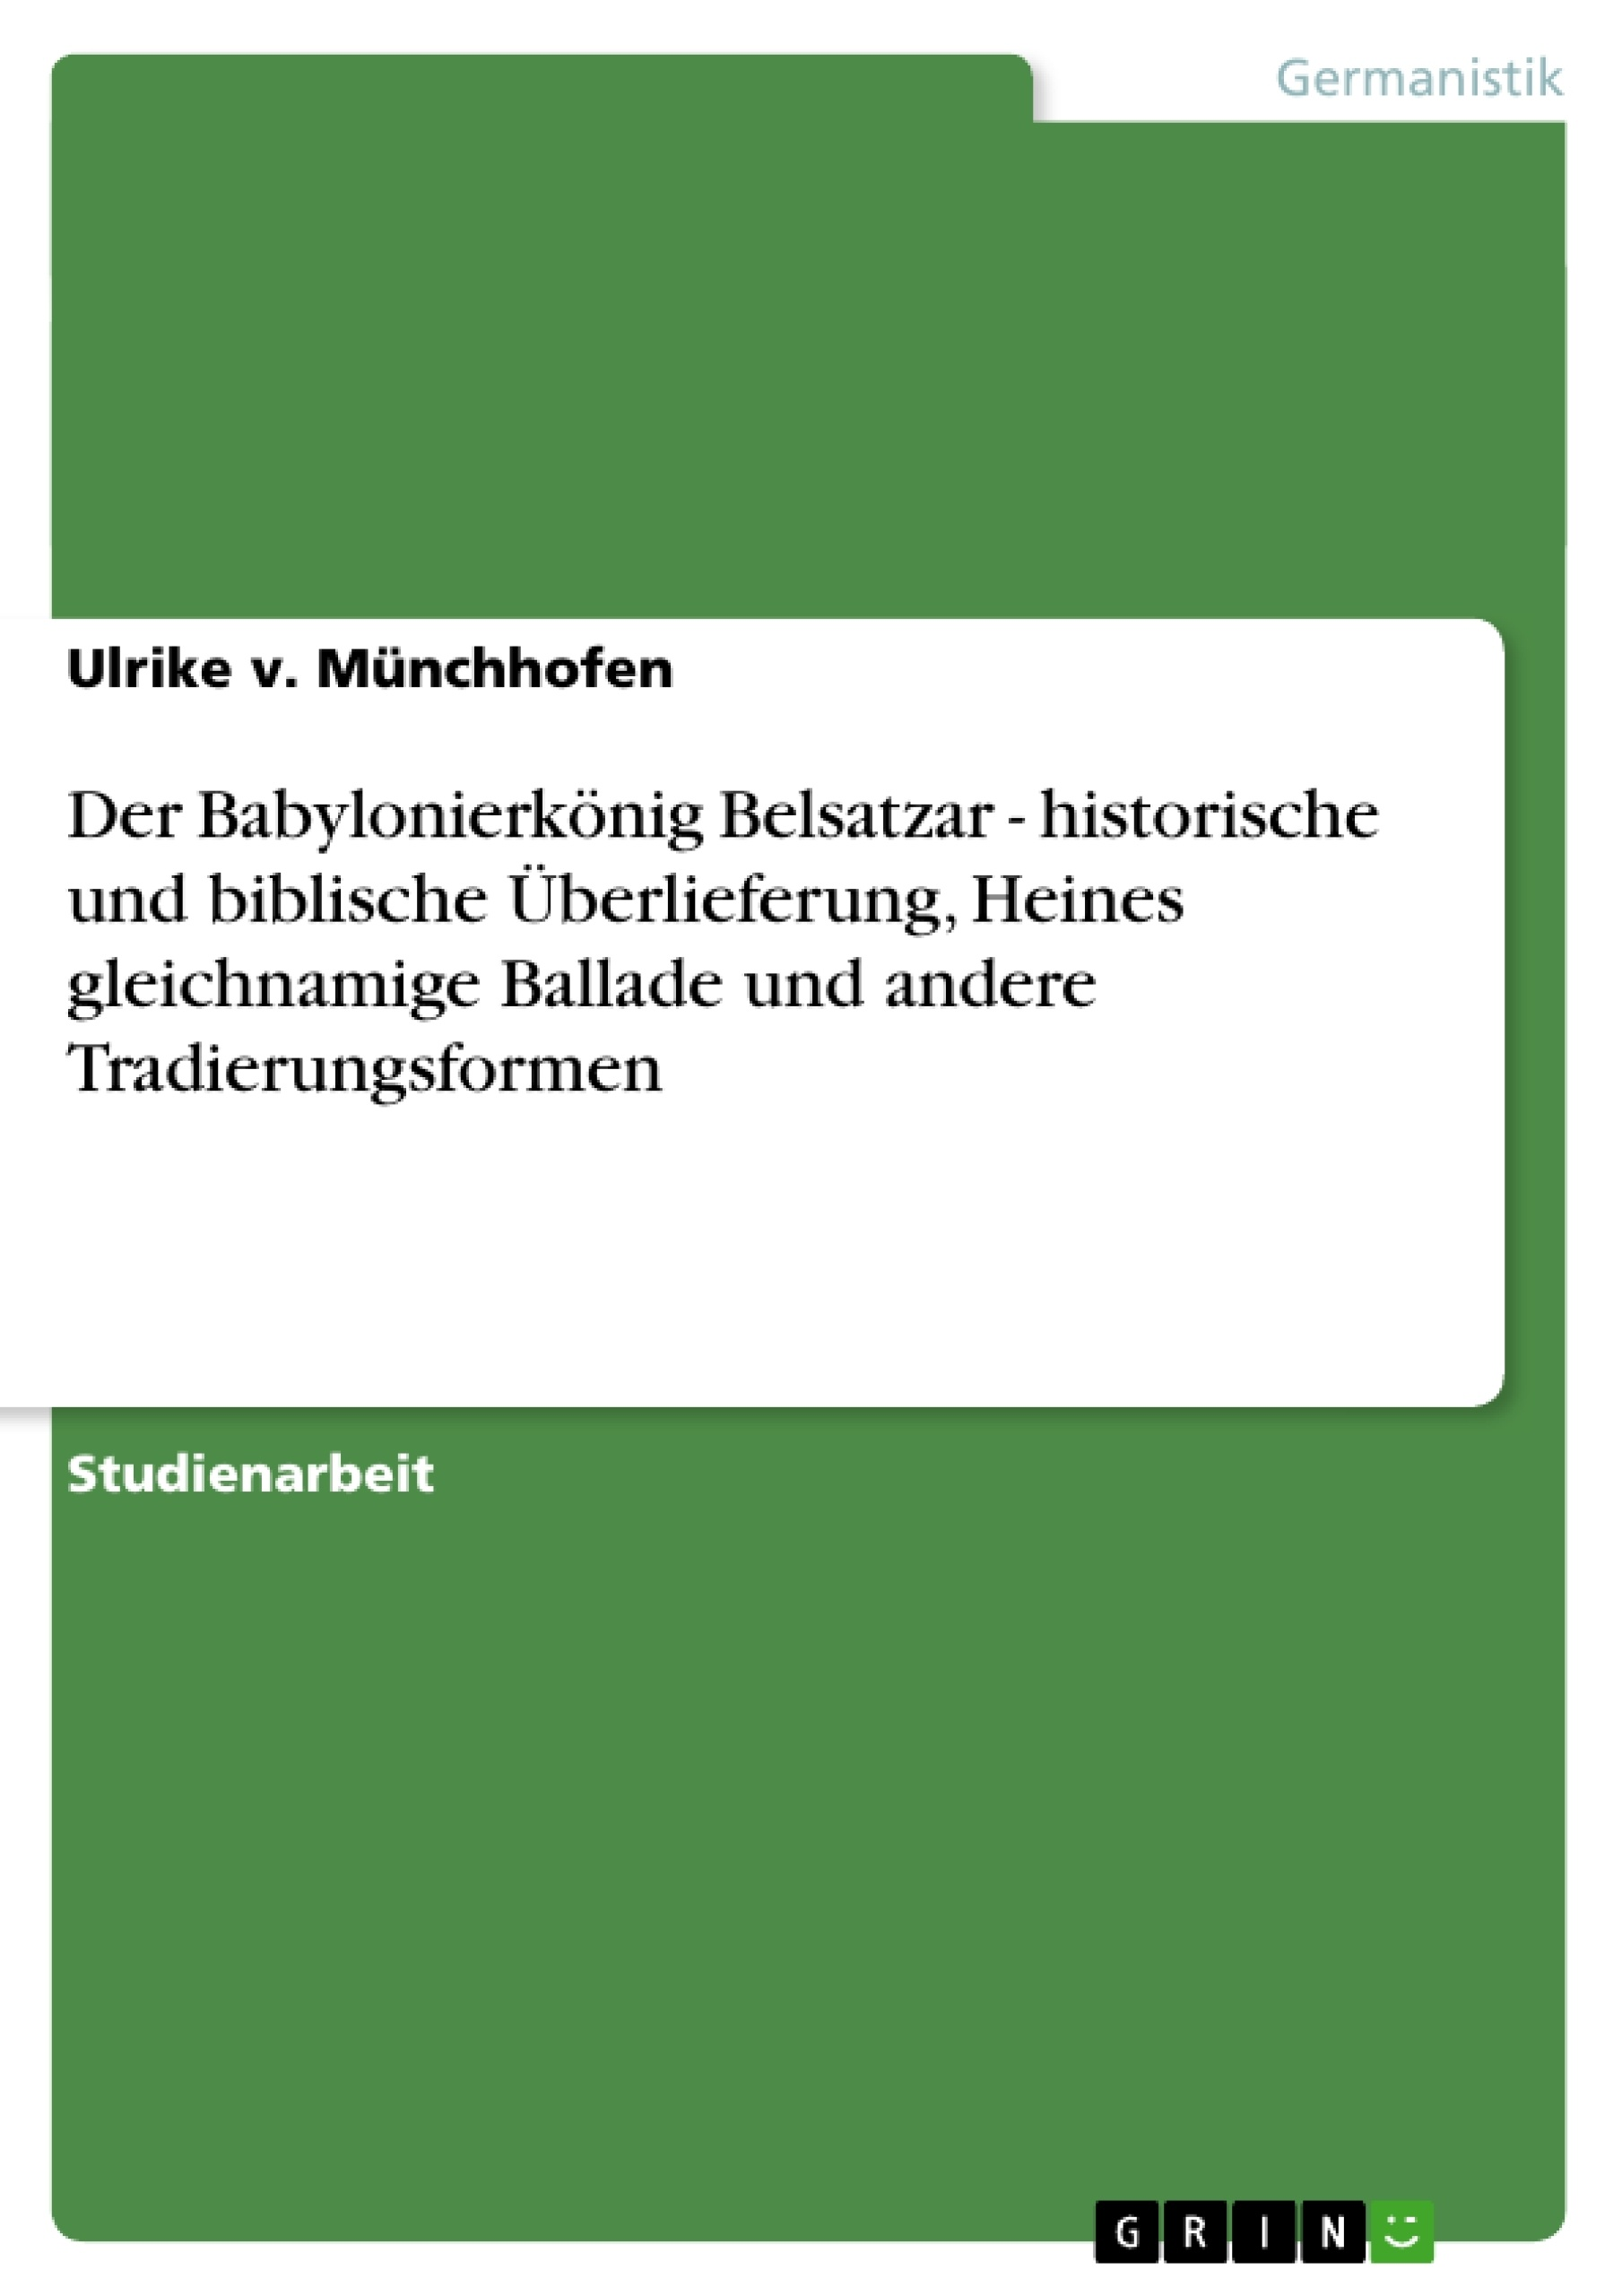 Titel: Der Babylonierkönig Belsatzar - historische und biblische Überlieferung, Heines gleichnamige Ballade und andere Tradierungsformen